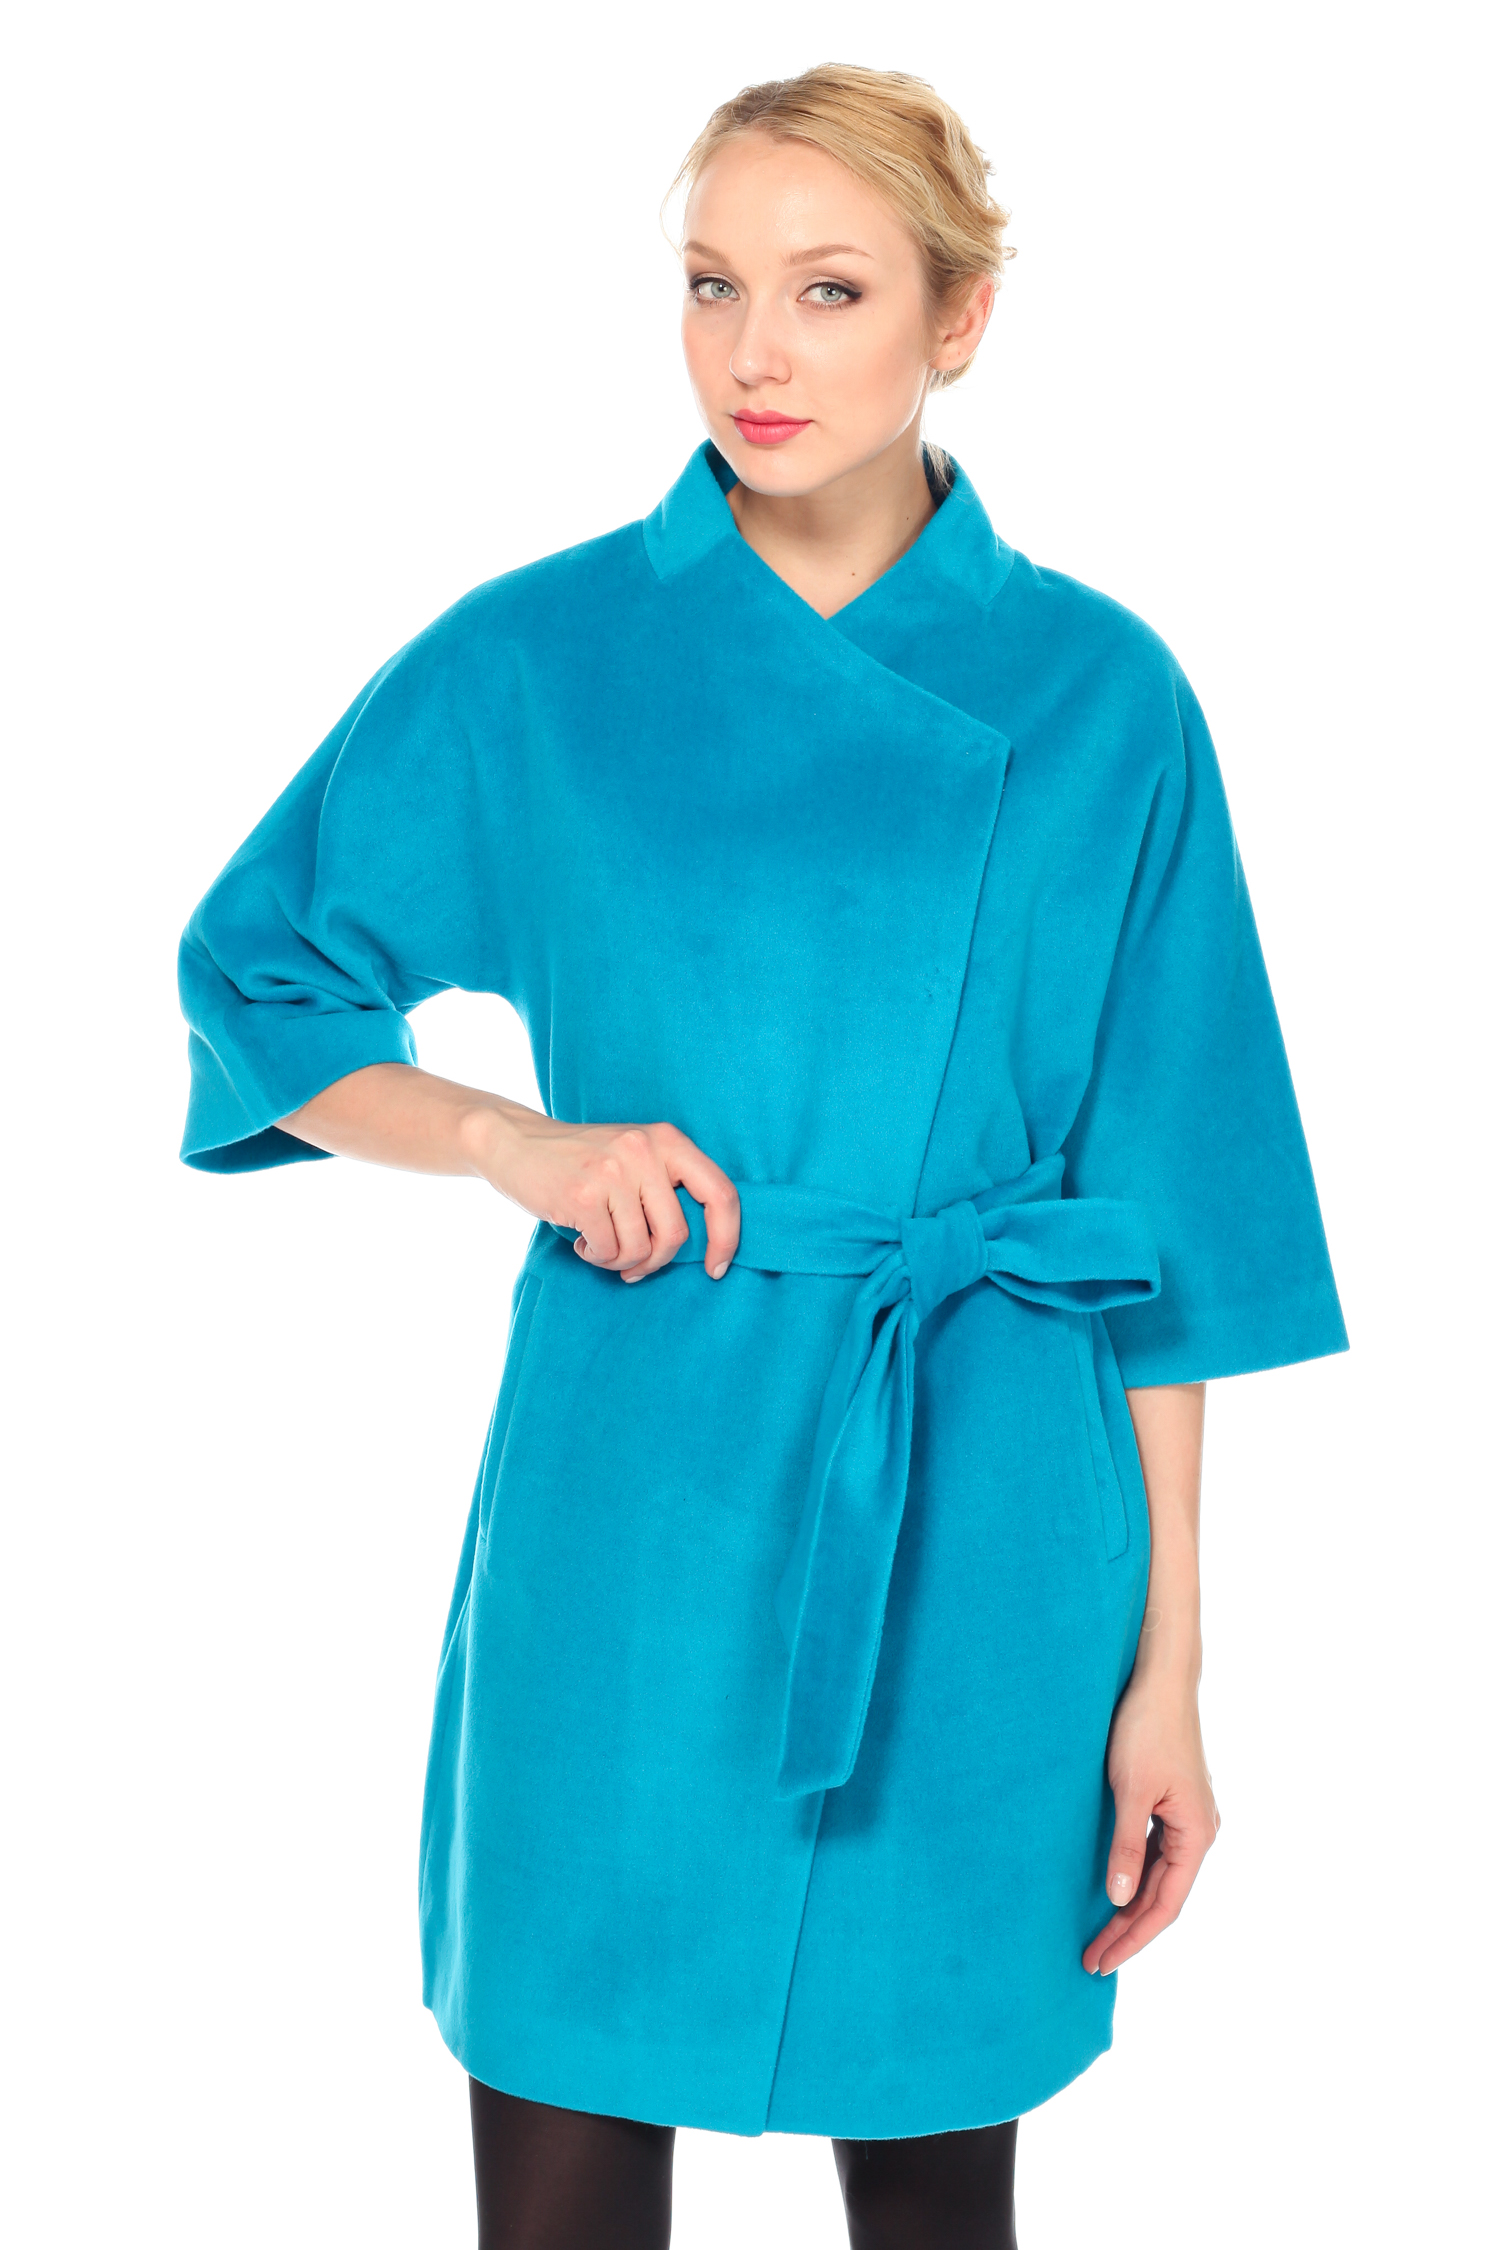 Женское пальто с воротником, без отделки<br><br>Воротник: стойка<br>Длина см: Длинная (свыше 90)<br>Материал: Комбинированный состав<br>Цвет: голубой<br>Вид застежки: косая<br>Застежка: на кнопки<br>Пол: Женский<br>Размер RU: 56